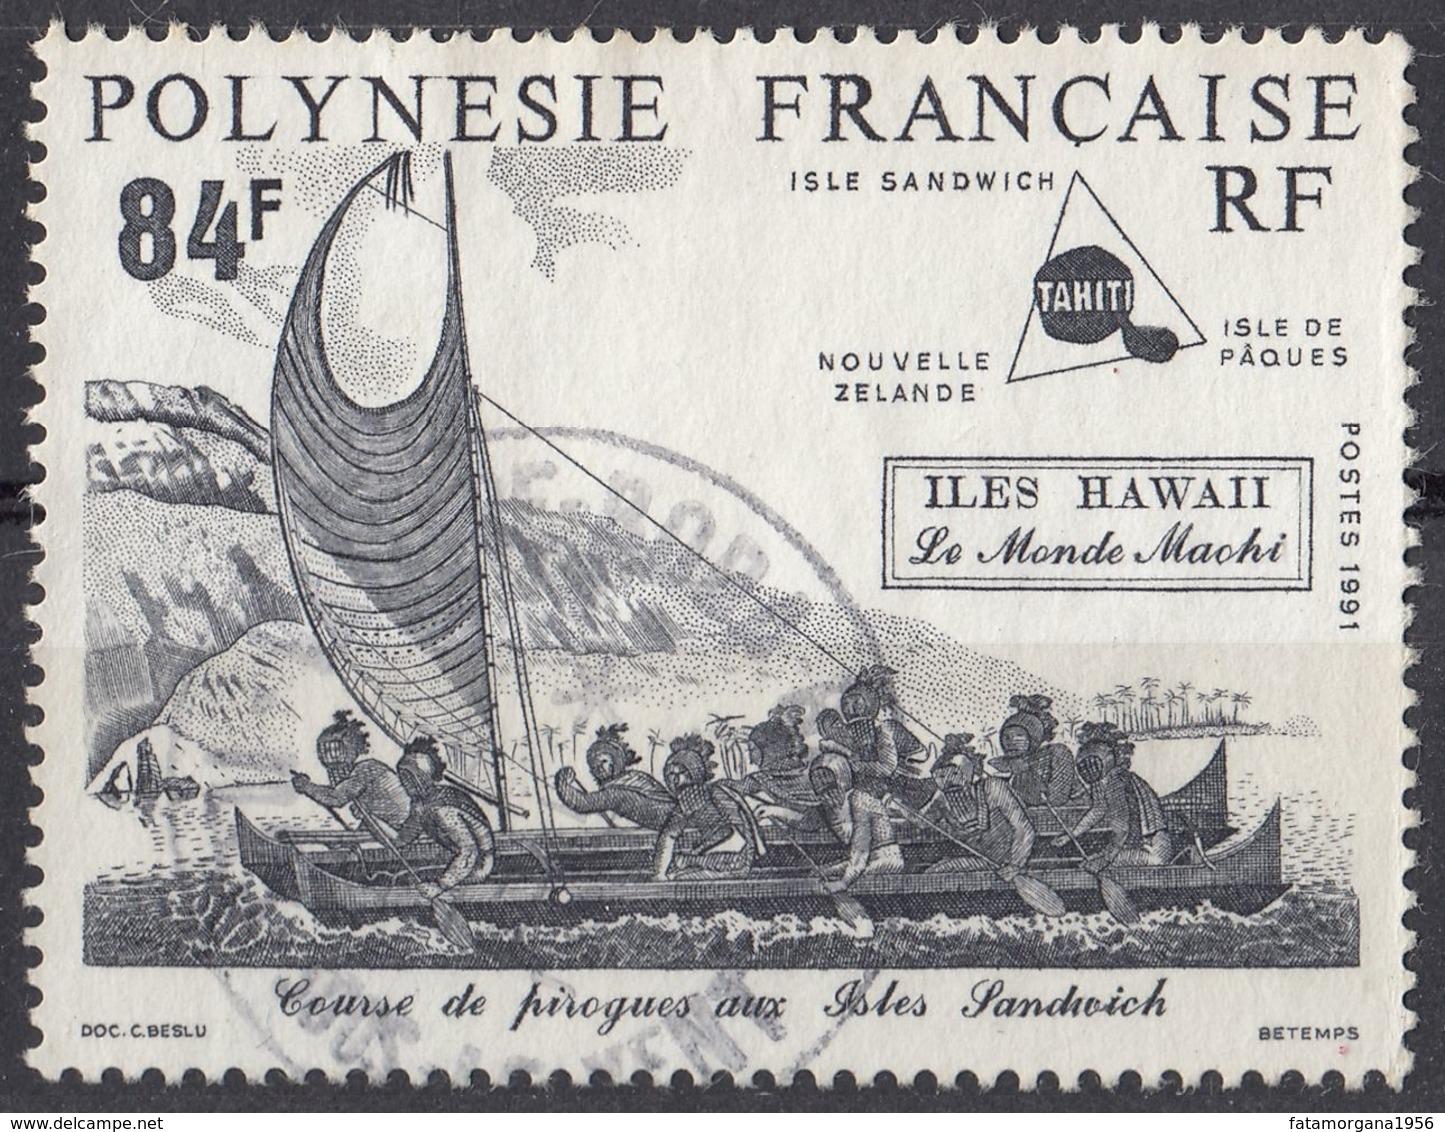 POLYNESIE Française - 1991 - Yvert 380 Usato. - Französisch-Polynesien